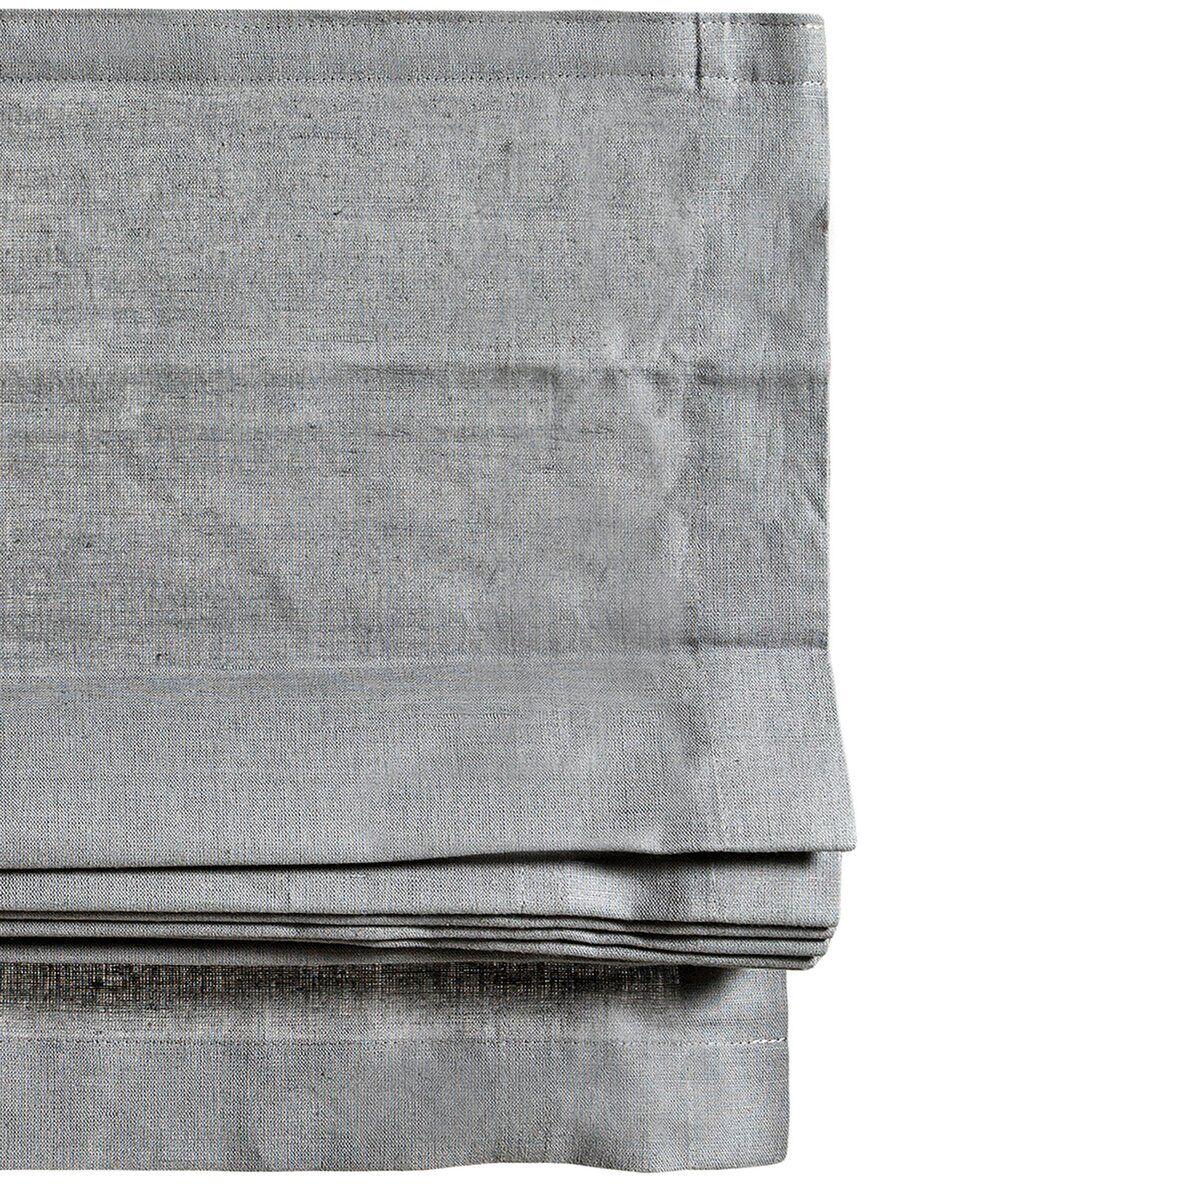 Himla Ebba liftgardin 130x180 cm Pencil (grå)